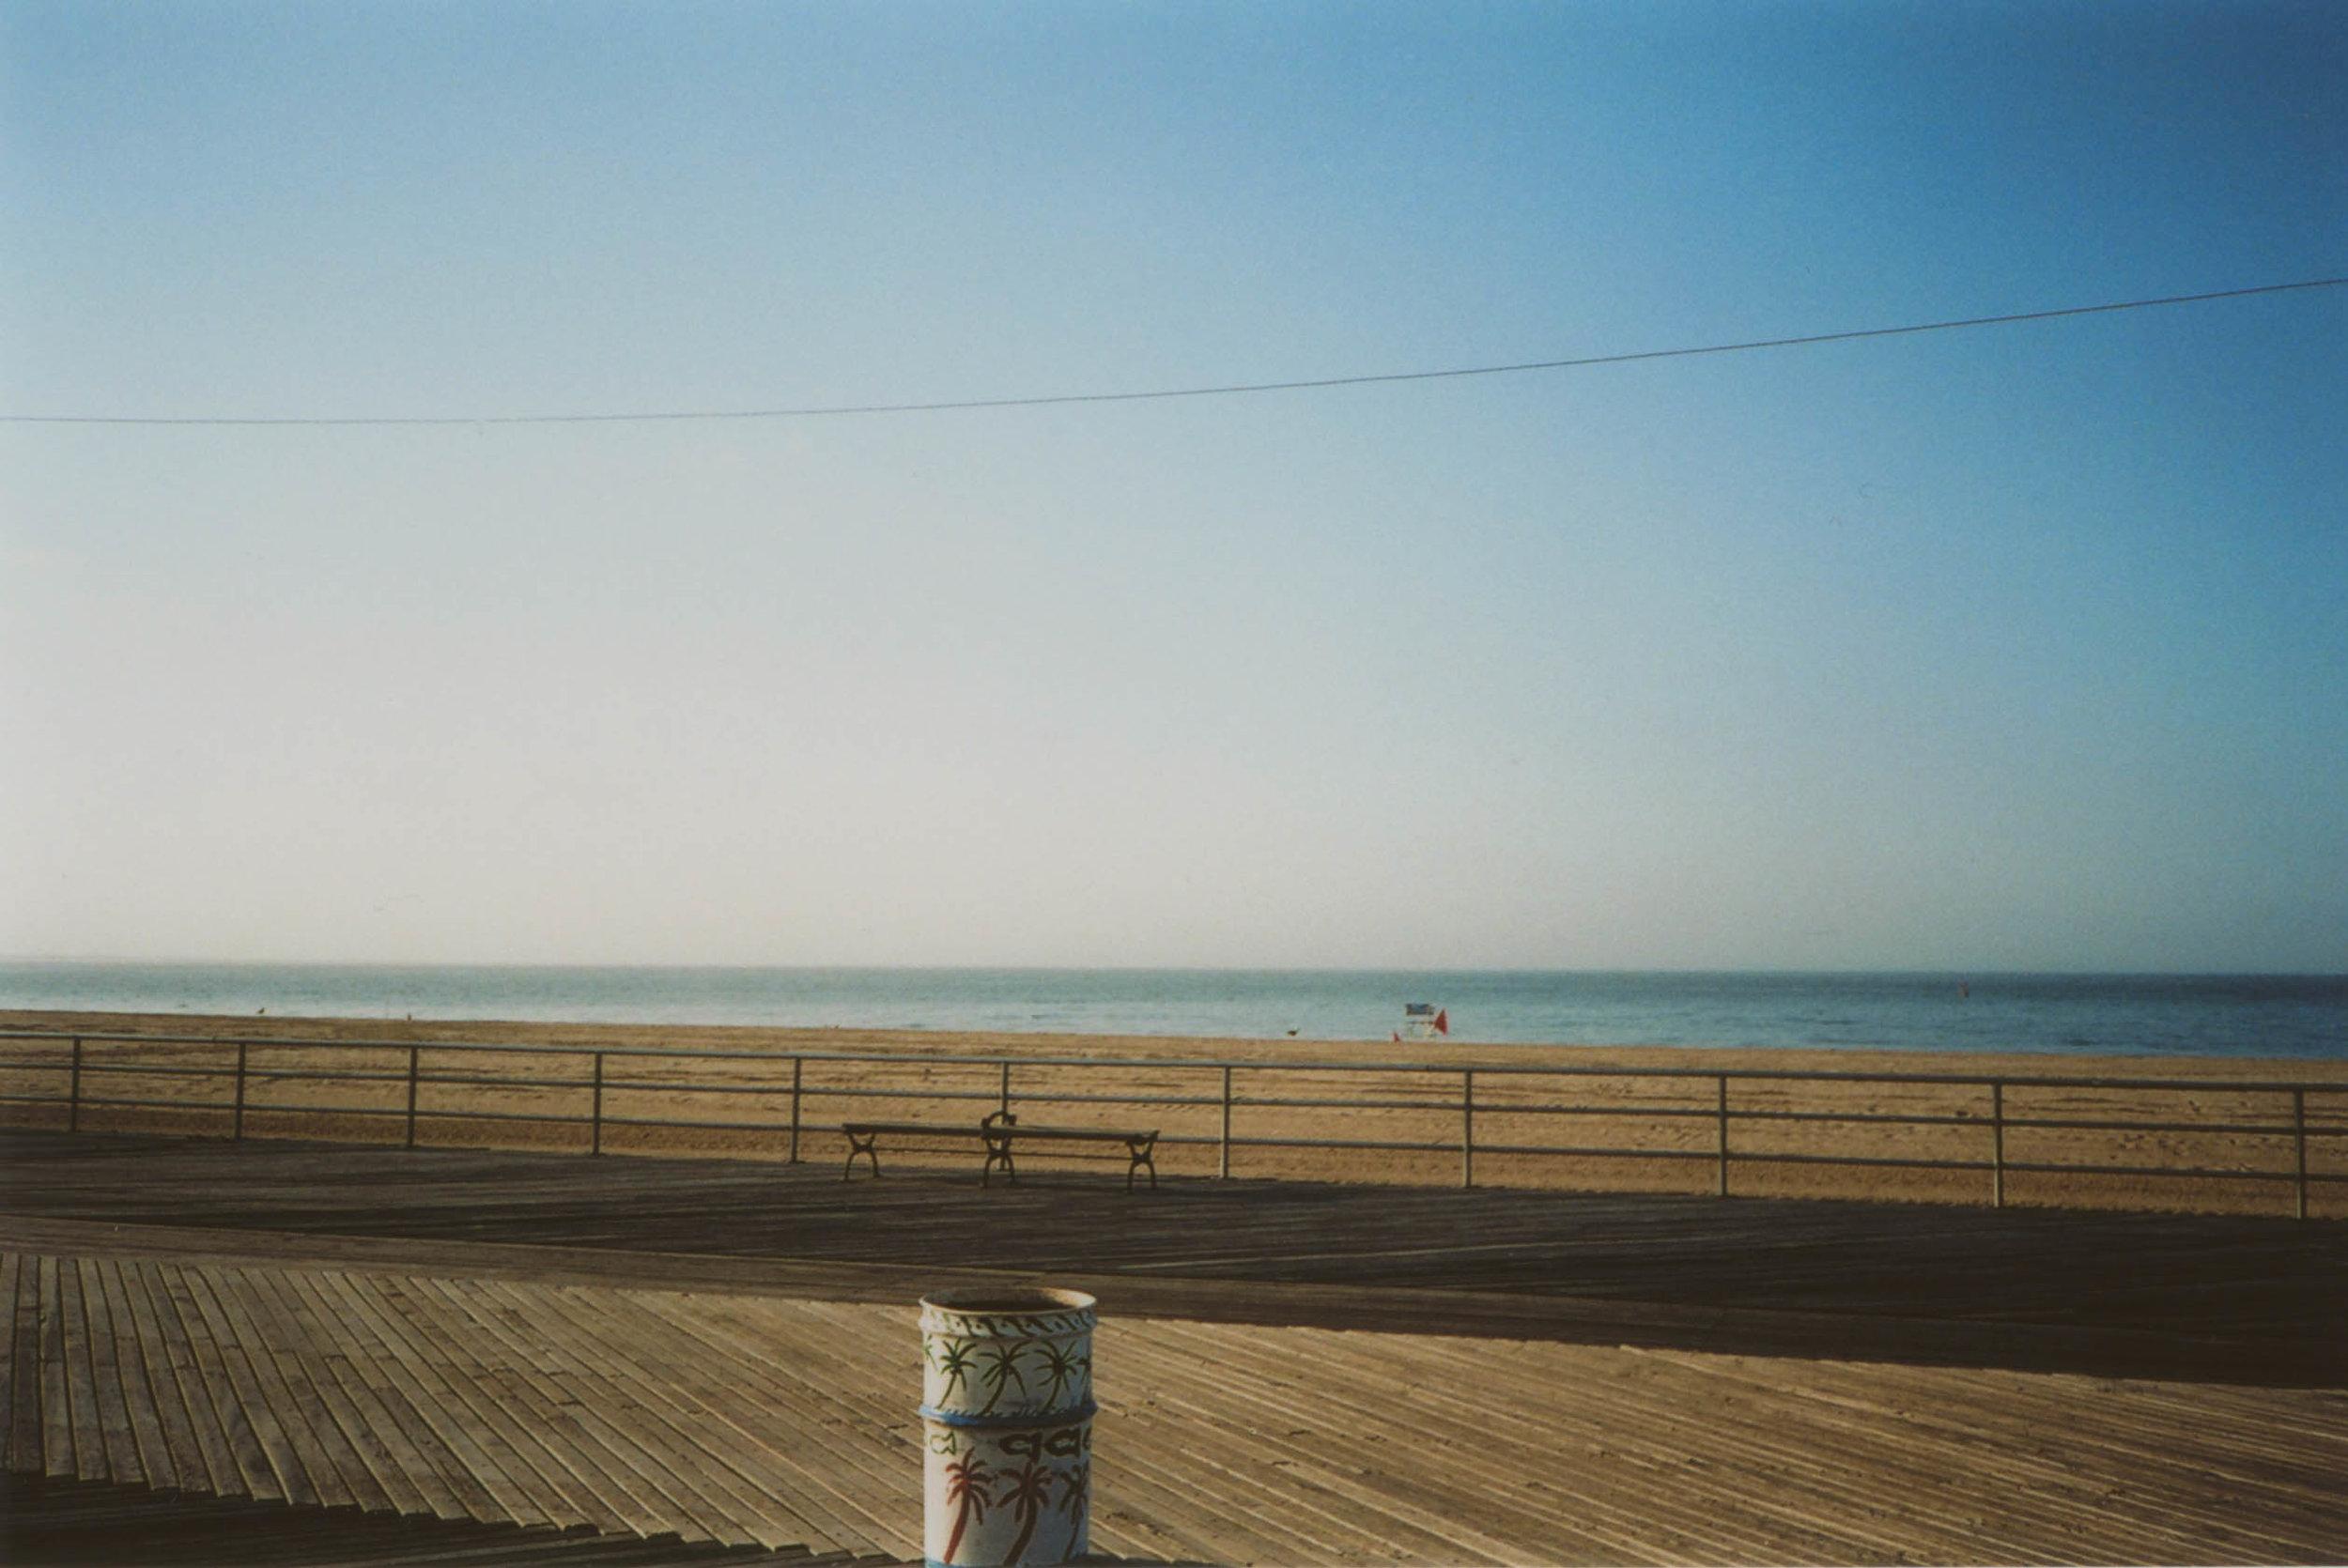 film nicole brighton beach